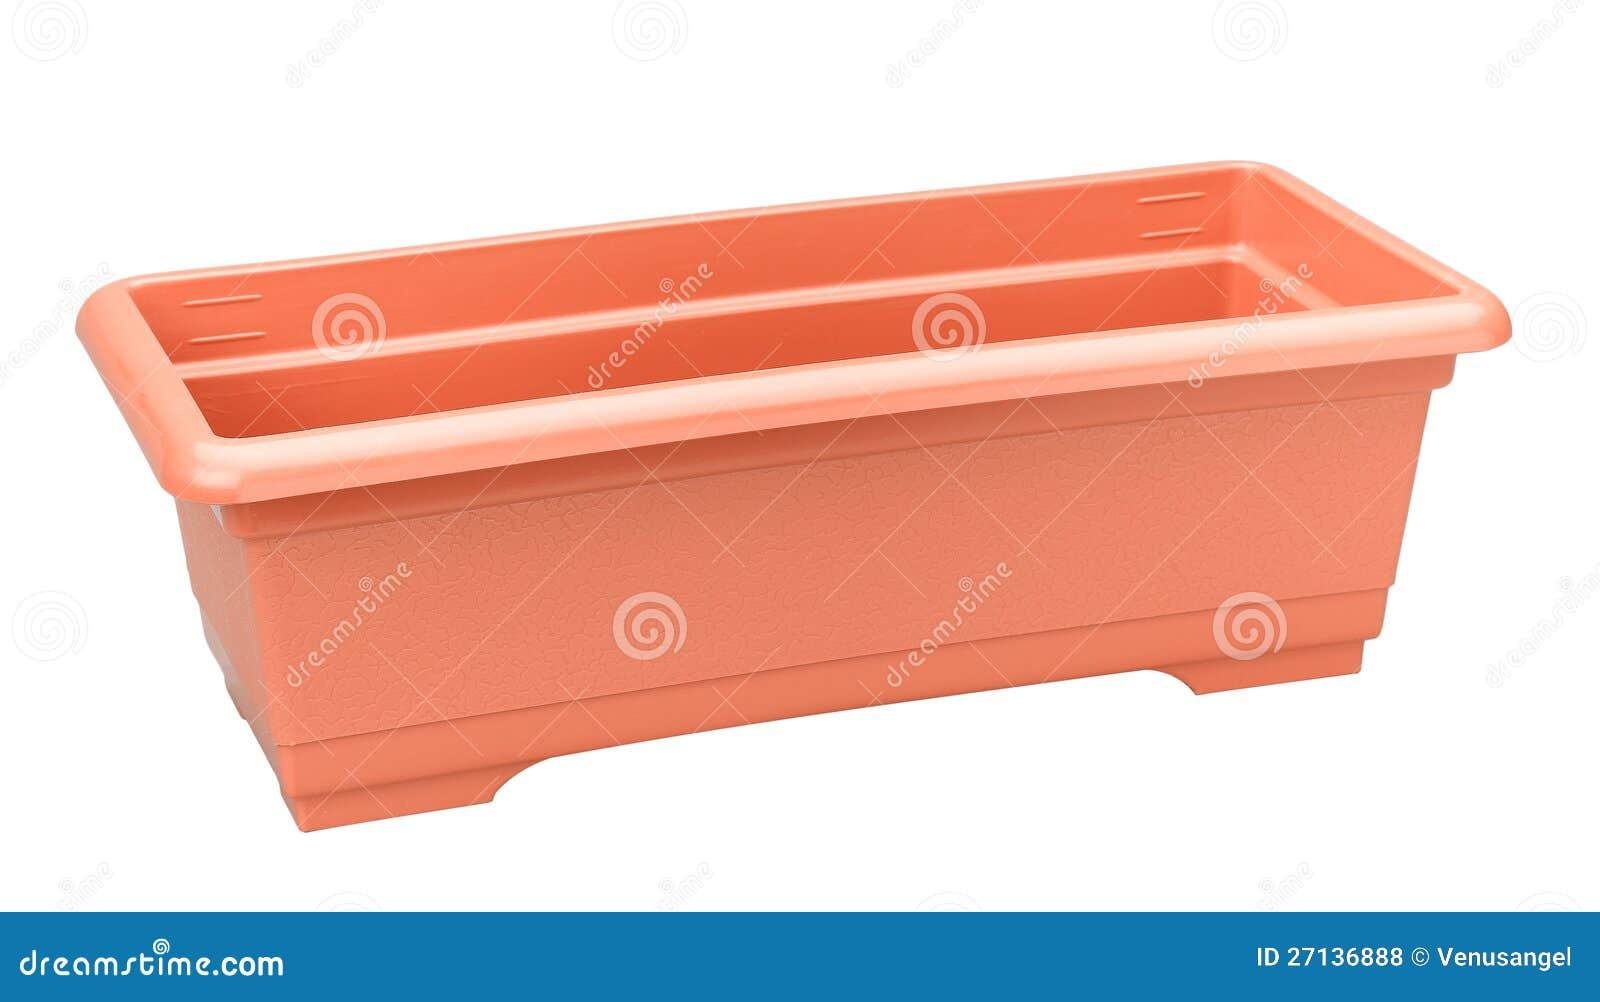 bac de fleur en plastique carr vide photos libres de droits image 27136888. Black Bedroom Furniture Sets. Home Design Ideas